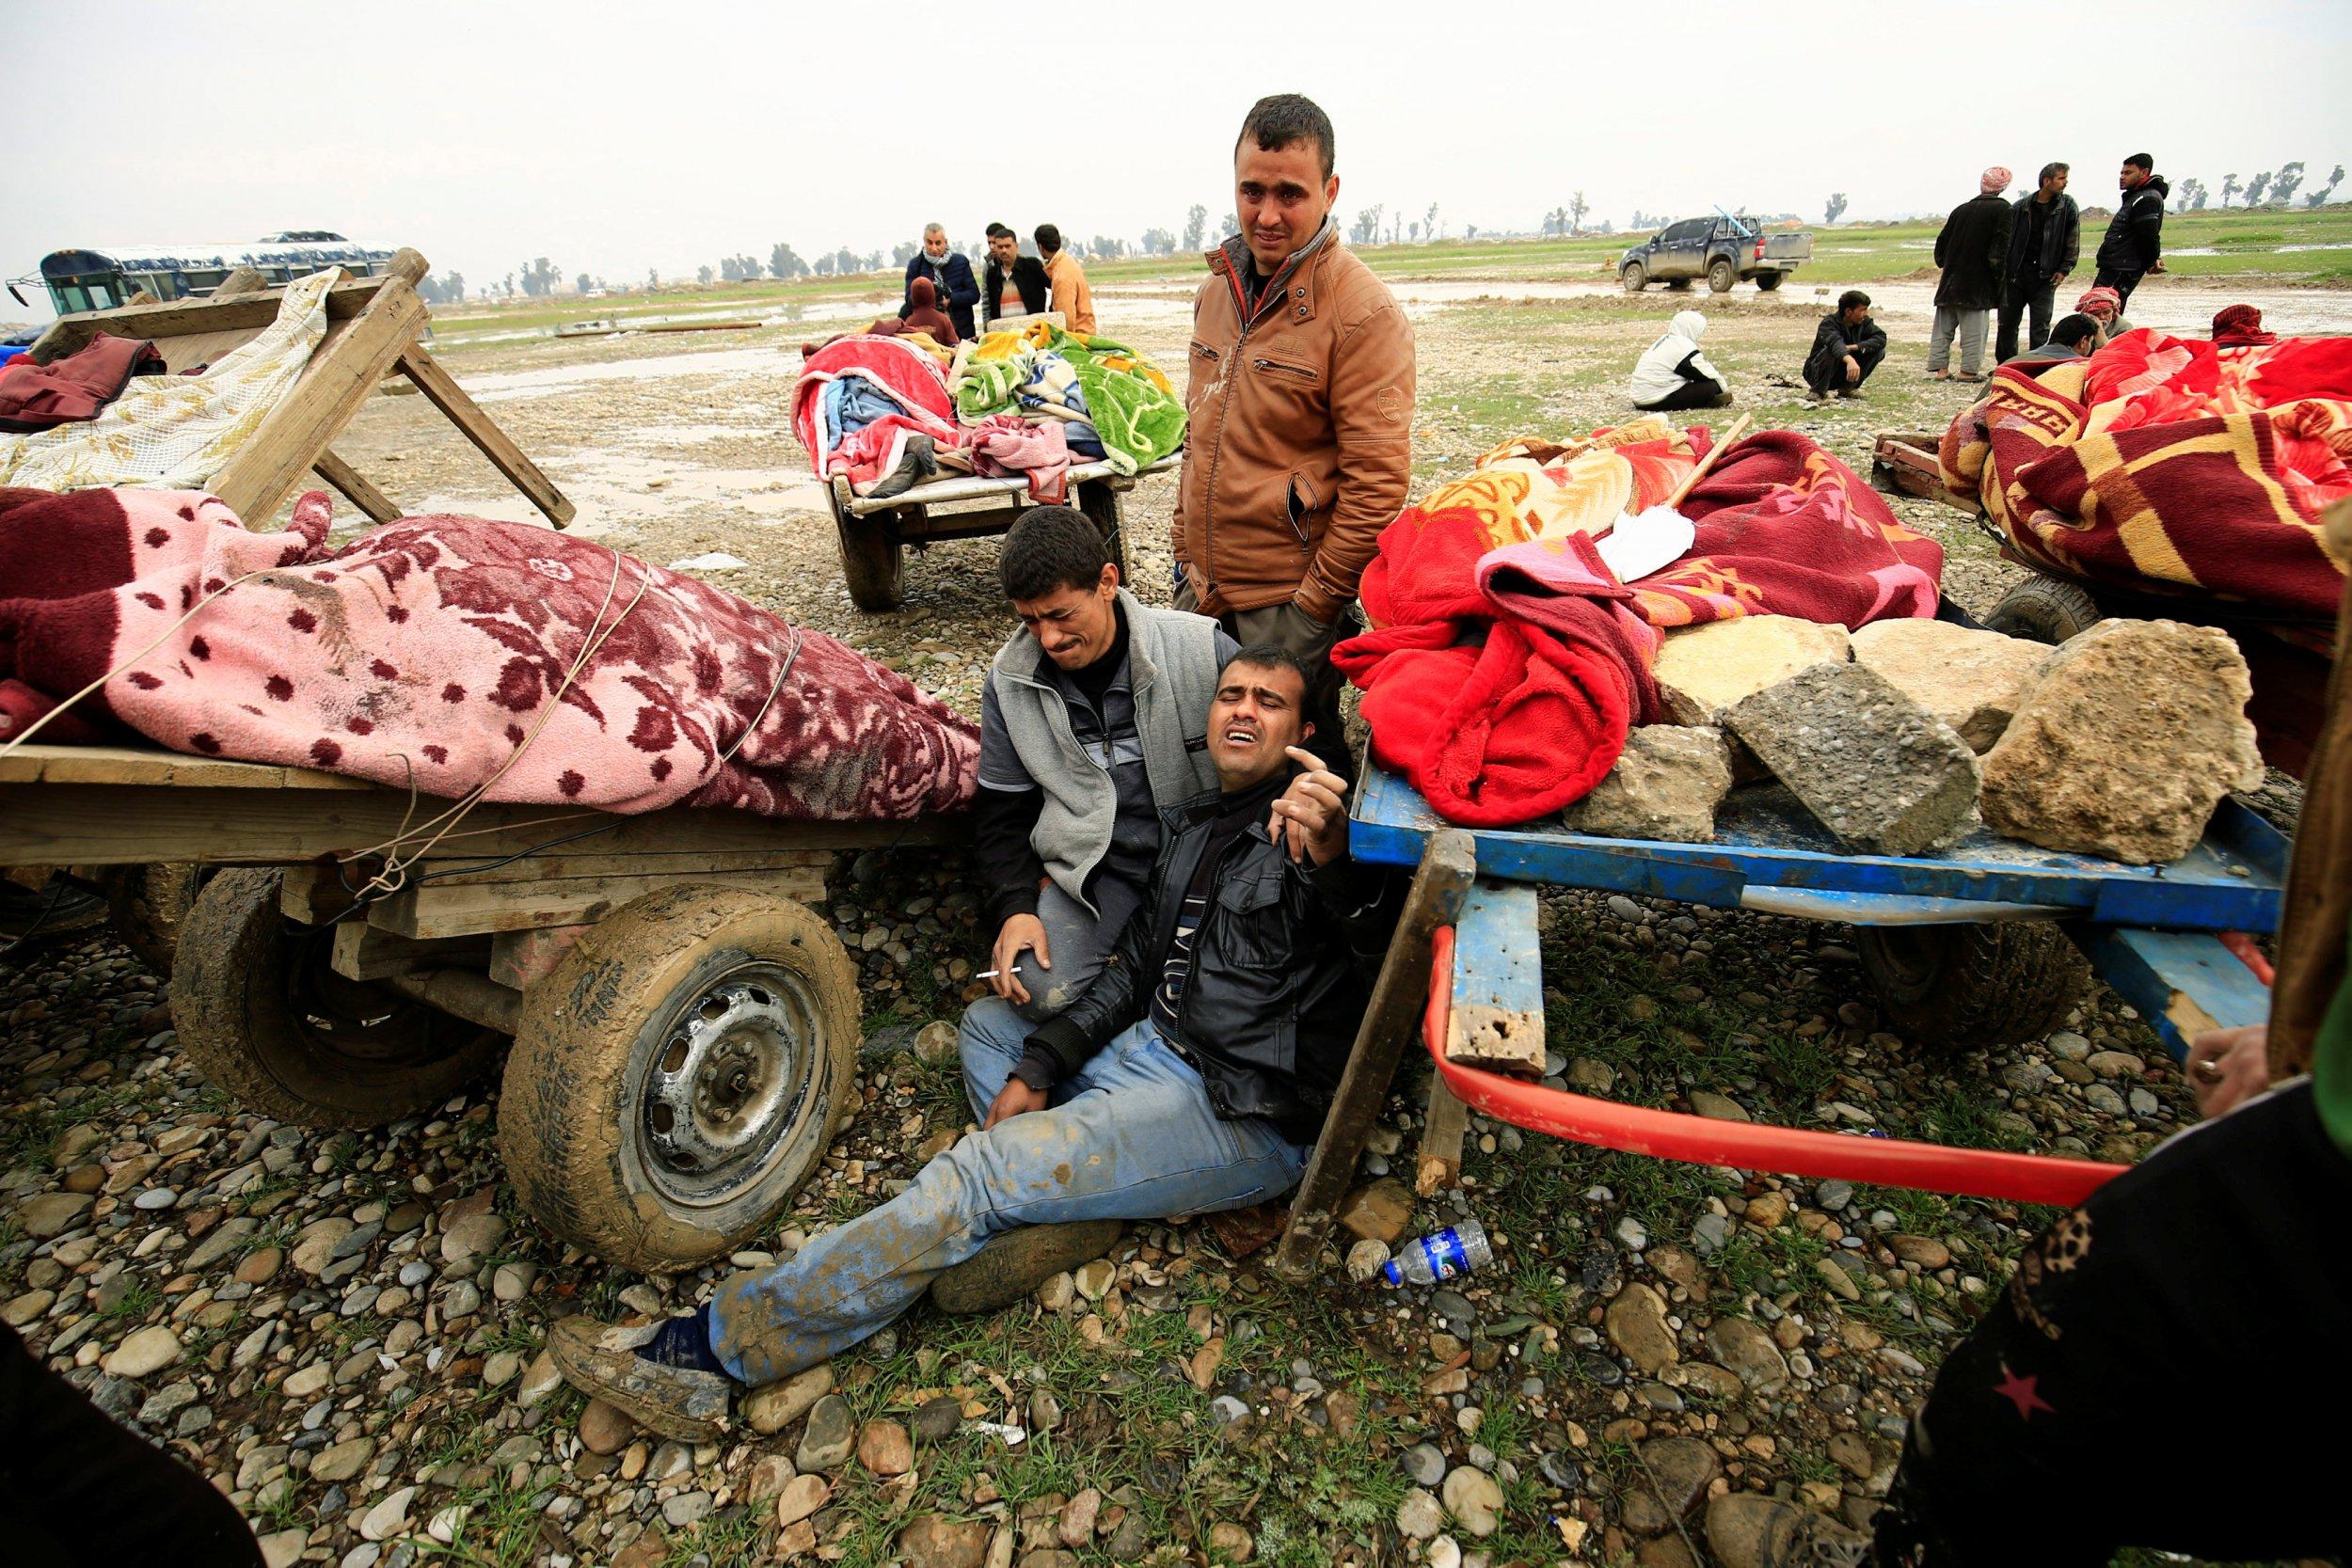 Mosul civilians near bodies